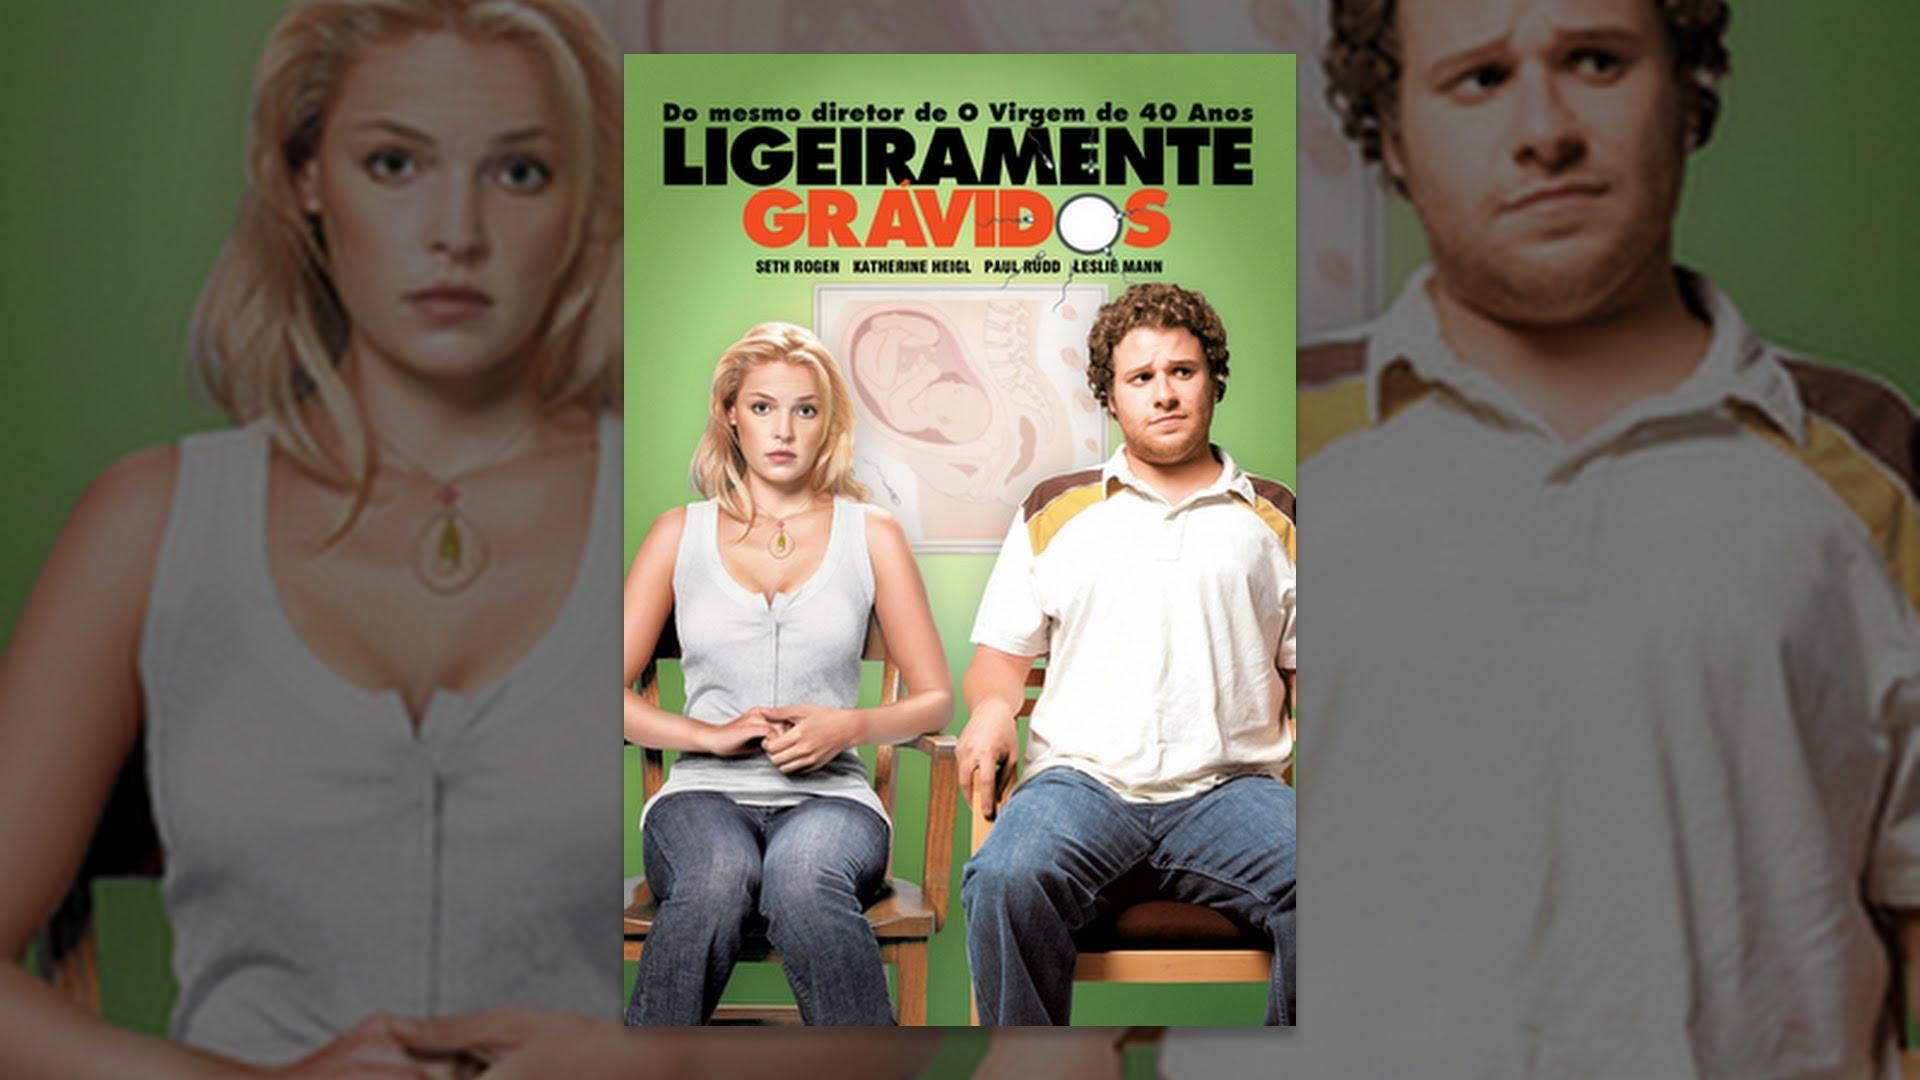 Filme ligeiramente gravidos dublado online dating